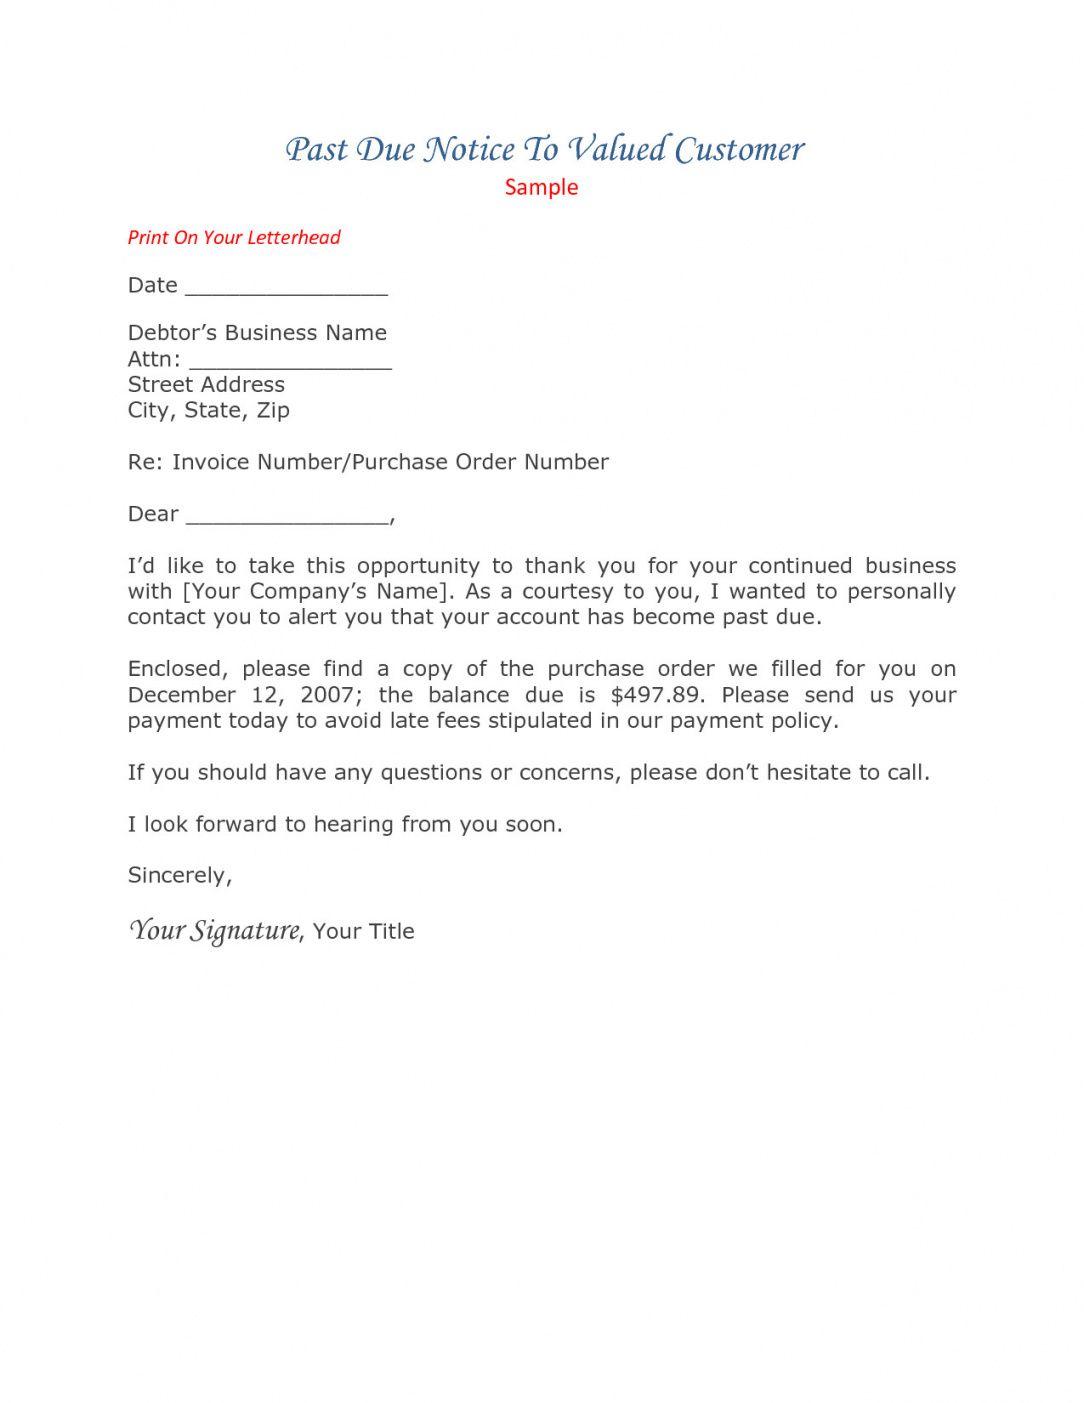 Past Due Rent Demand Letter Template Company Letterhead Letter